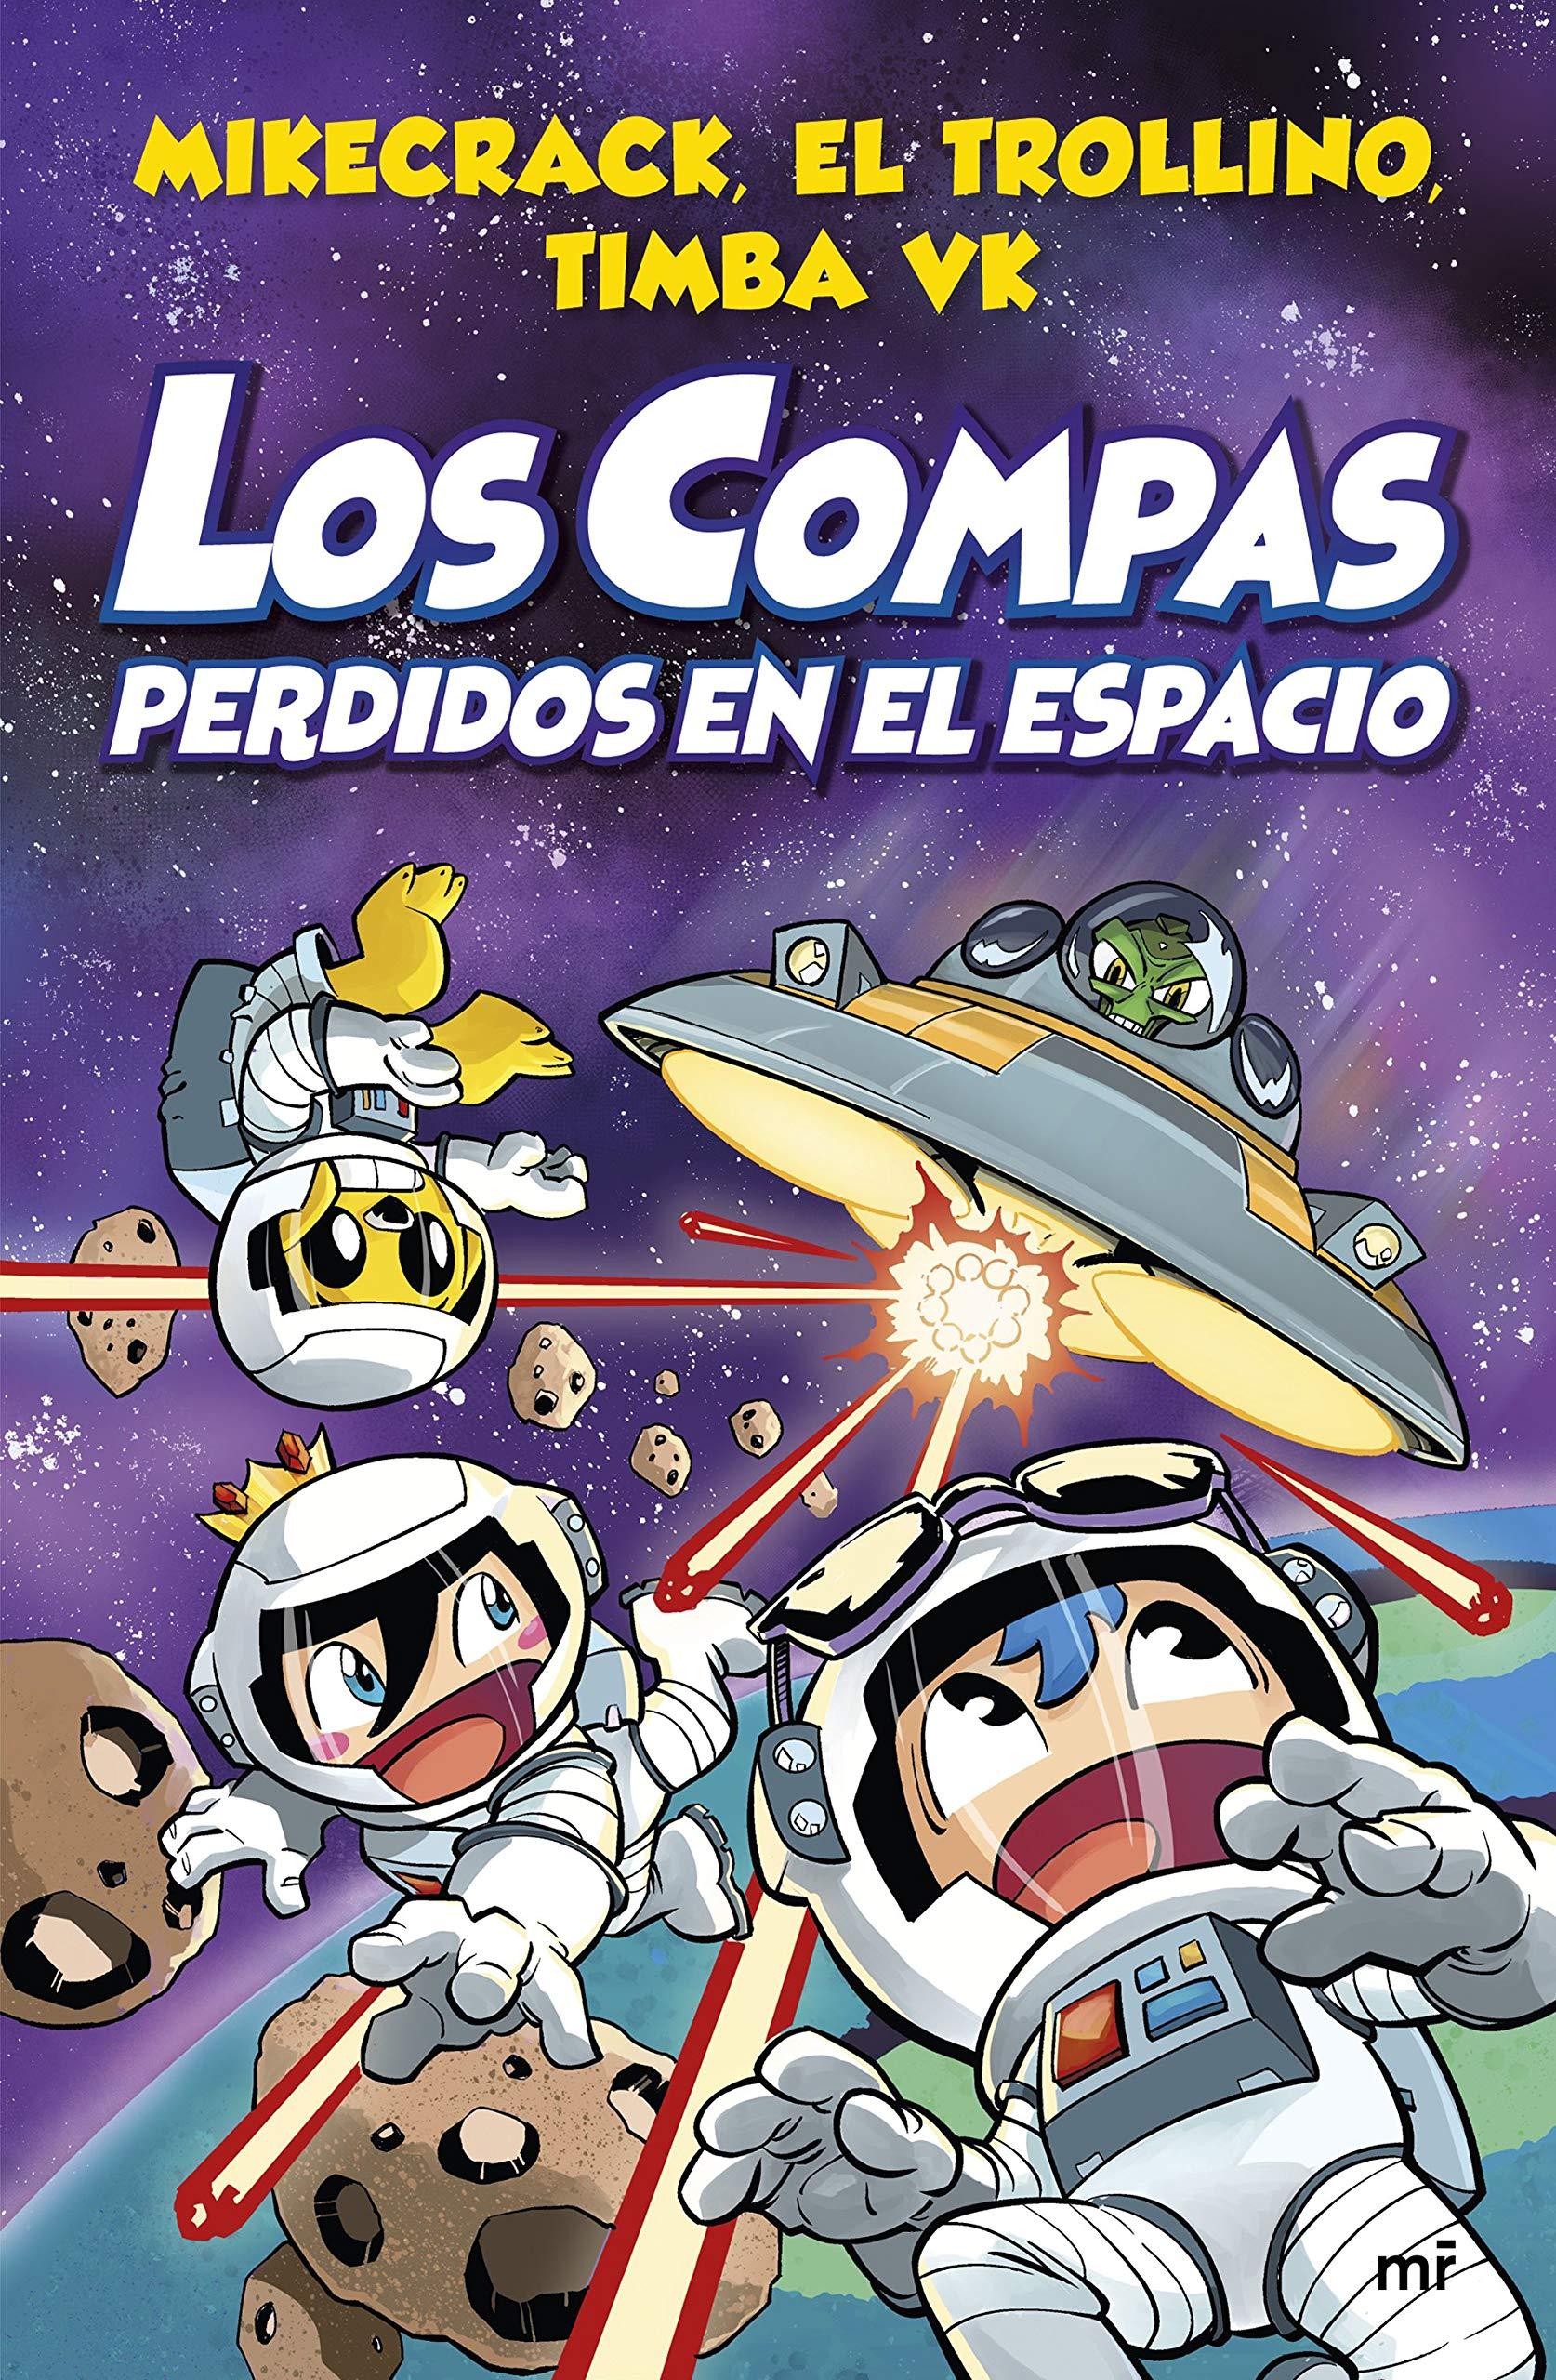 Los Compas Perdidos En El Espacio 4you2 Spanish Edition Mikecrack El Trollino Y Timba Vk 9788427048348 Amazon Com Books